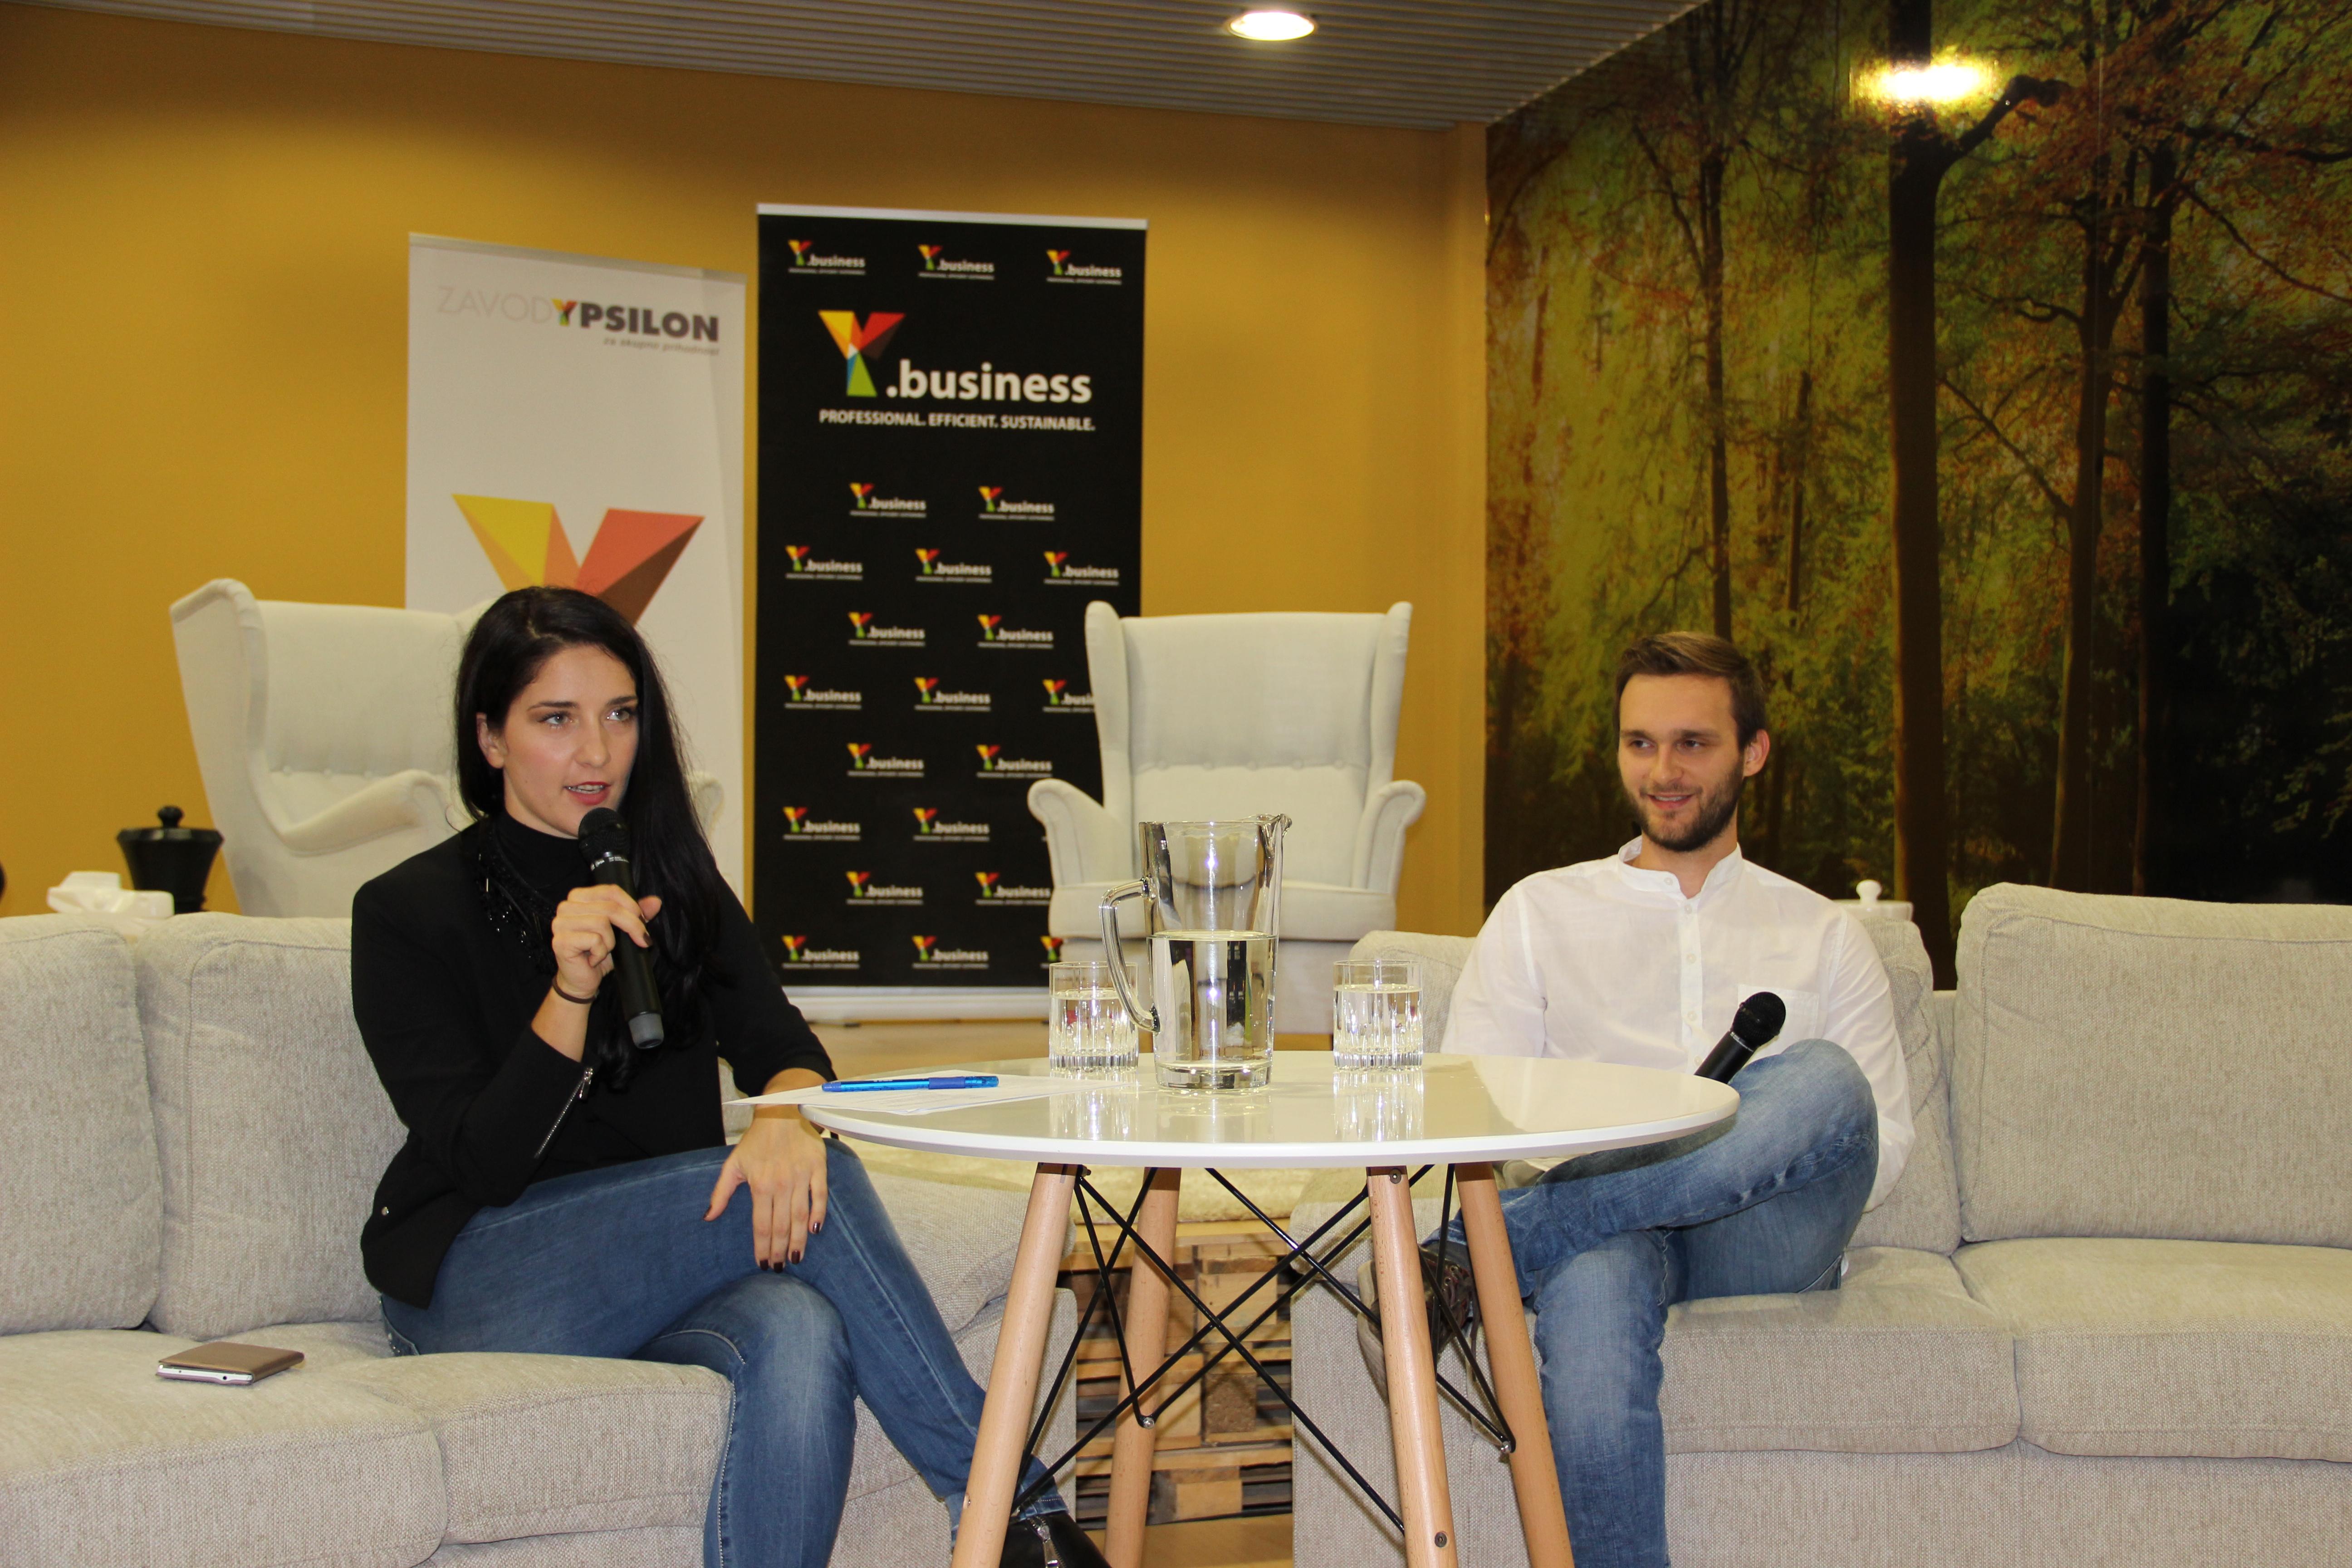 Slika 2: Y.business Success Story z Blažejem Kupcem.